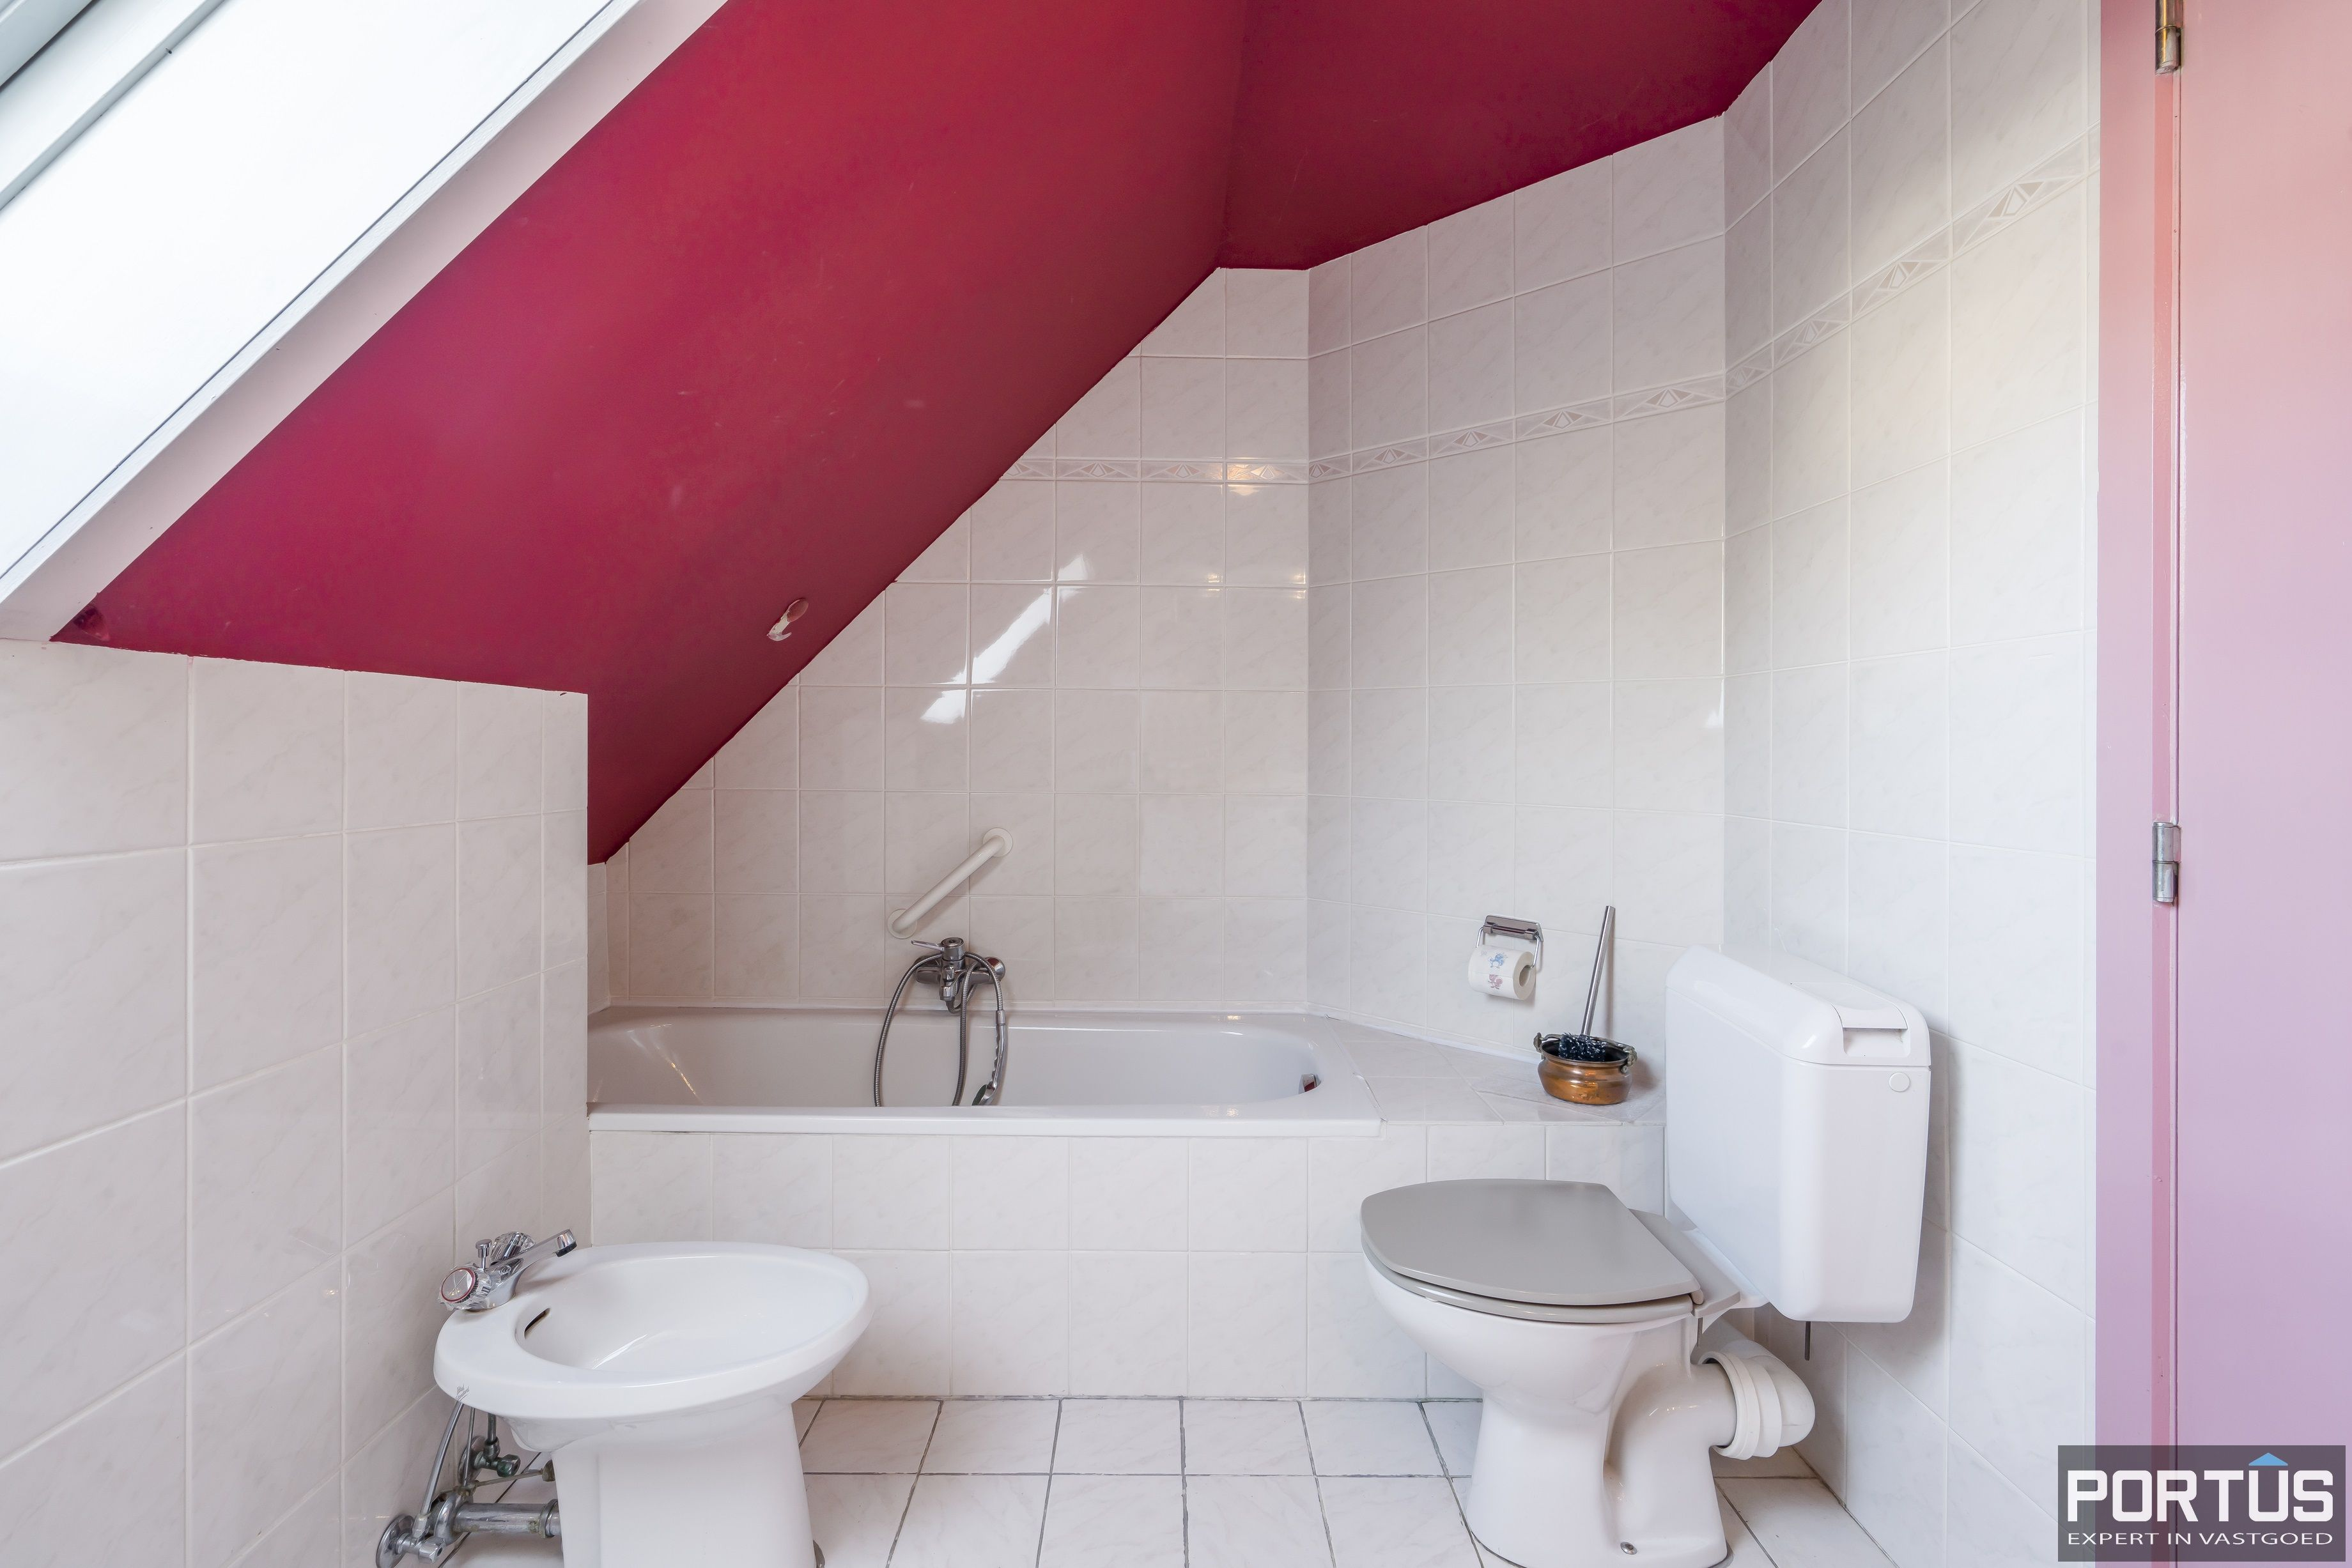 Villa te koop met 3 slaapkamers te Nieuwpoort - 13085